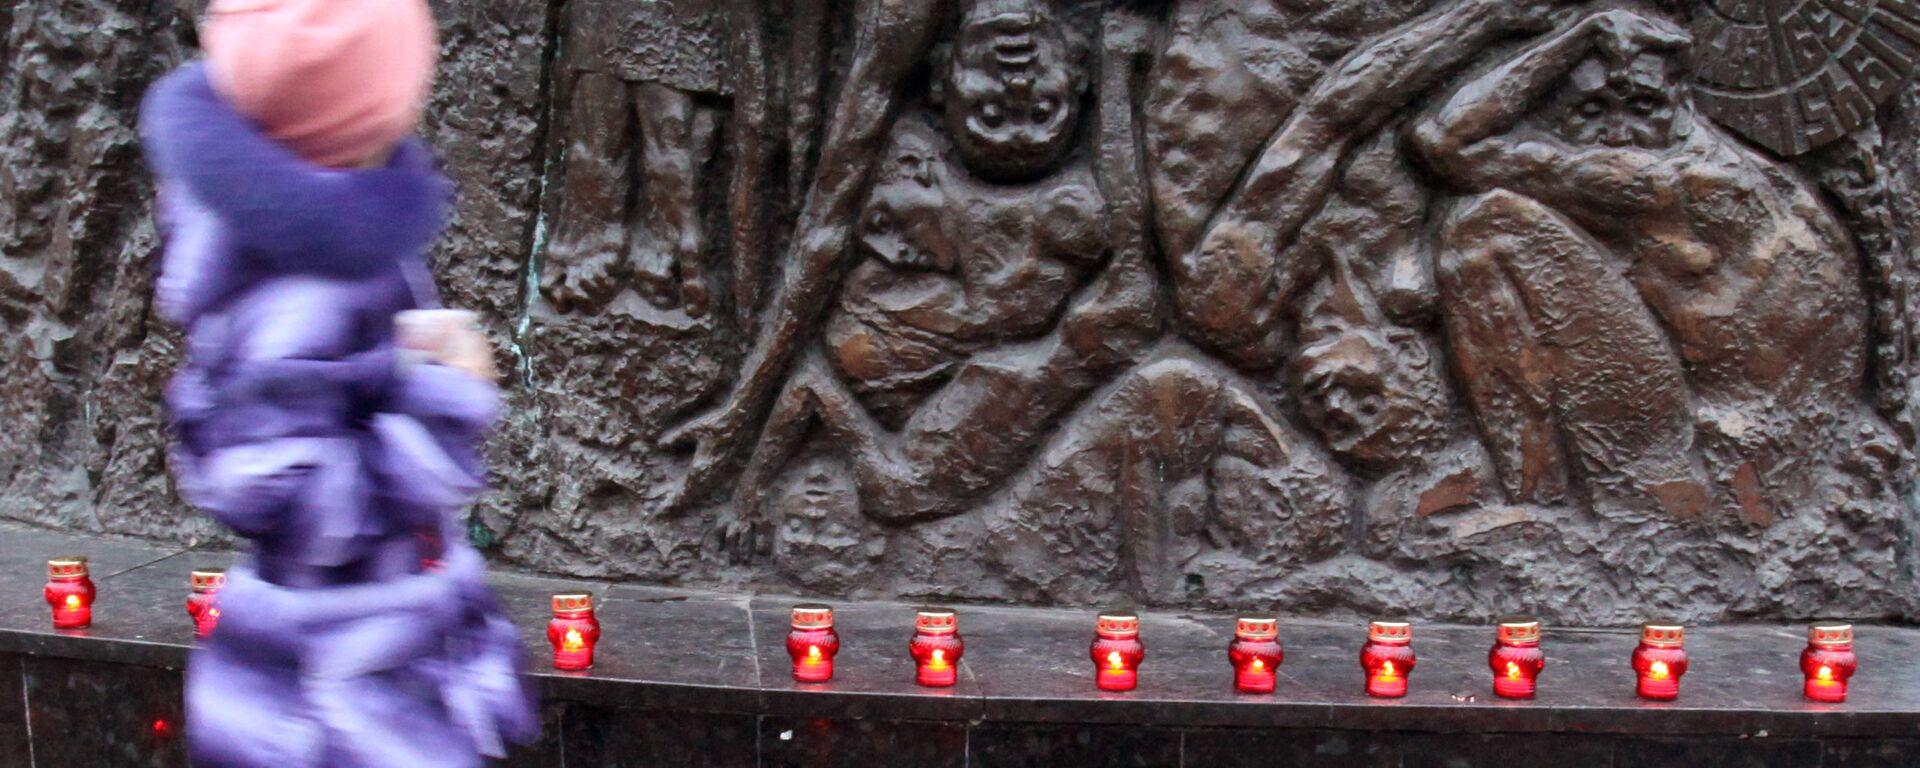 Pomnik ofiar Hołodomoru we Lwowie - Sputnik Polska, 1920, 29.11.2020